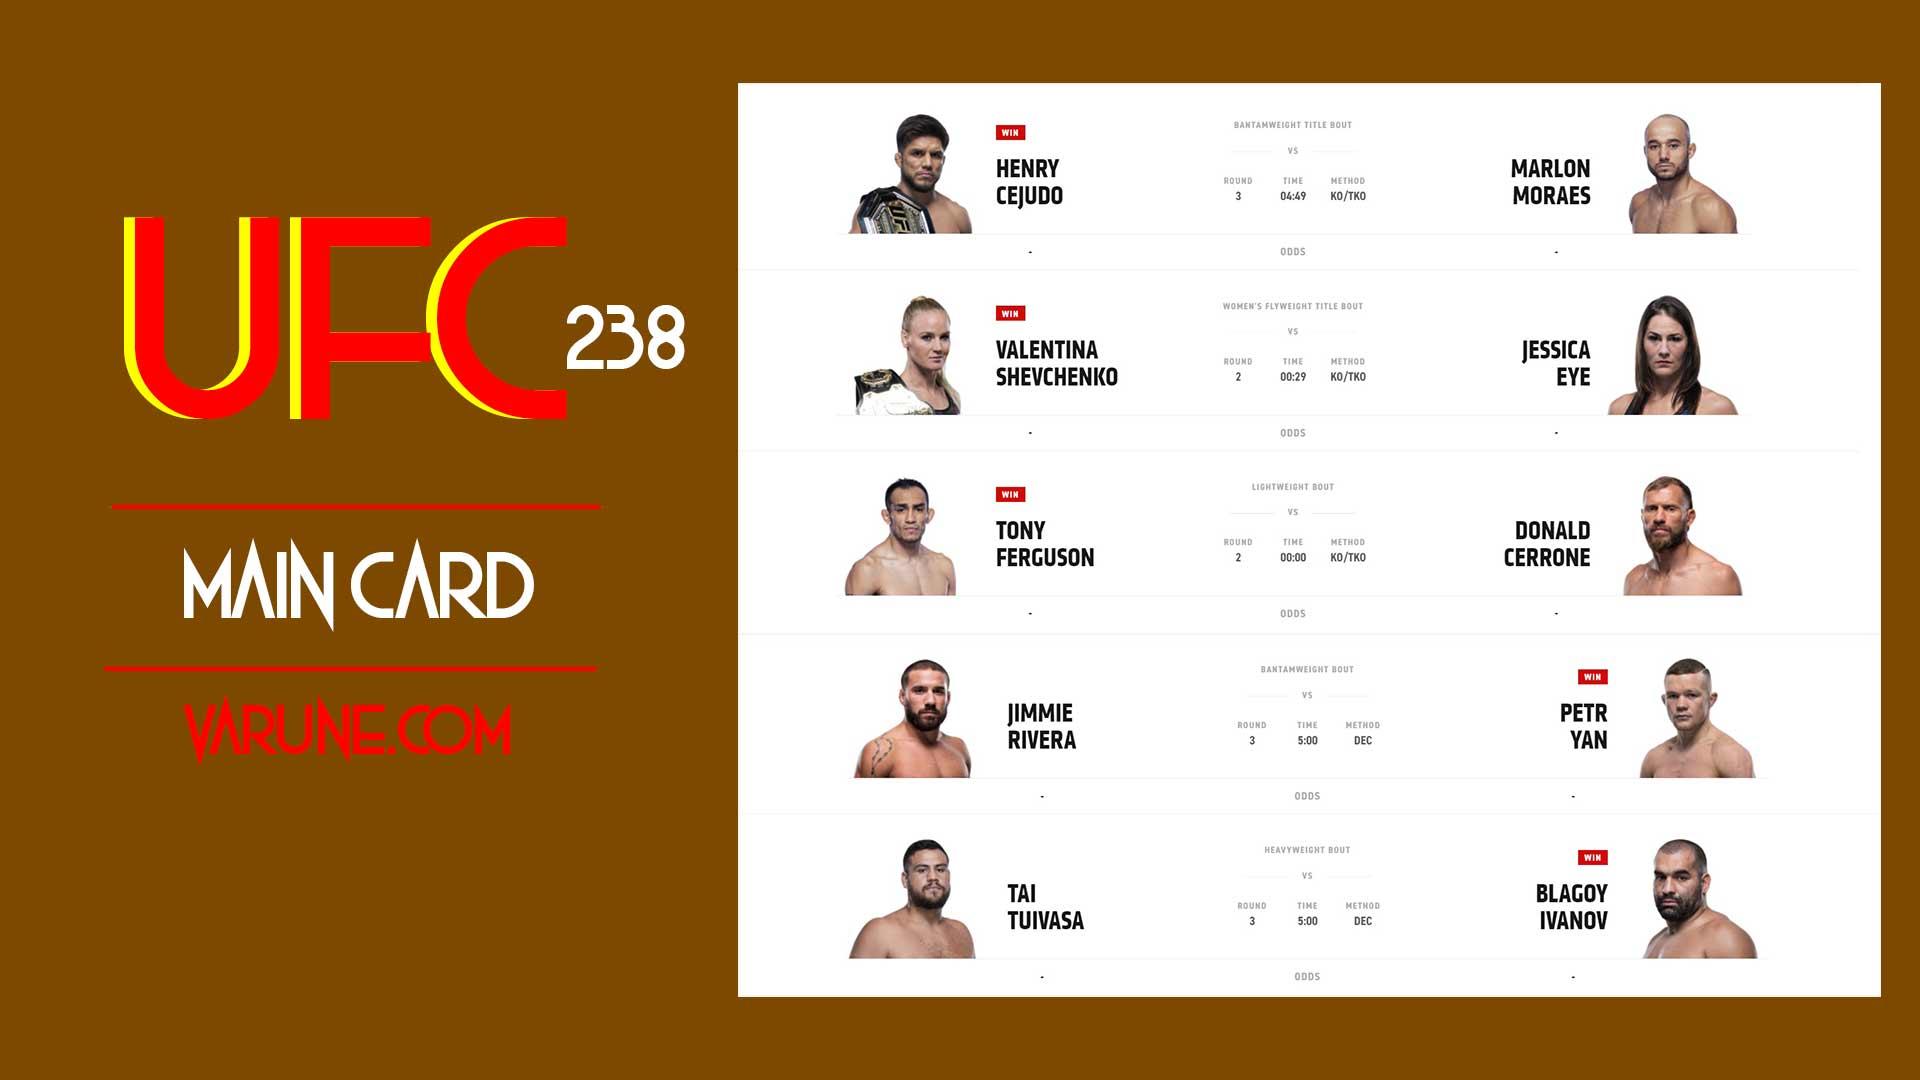 کارت اصلی مبارزات UFC 238